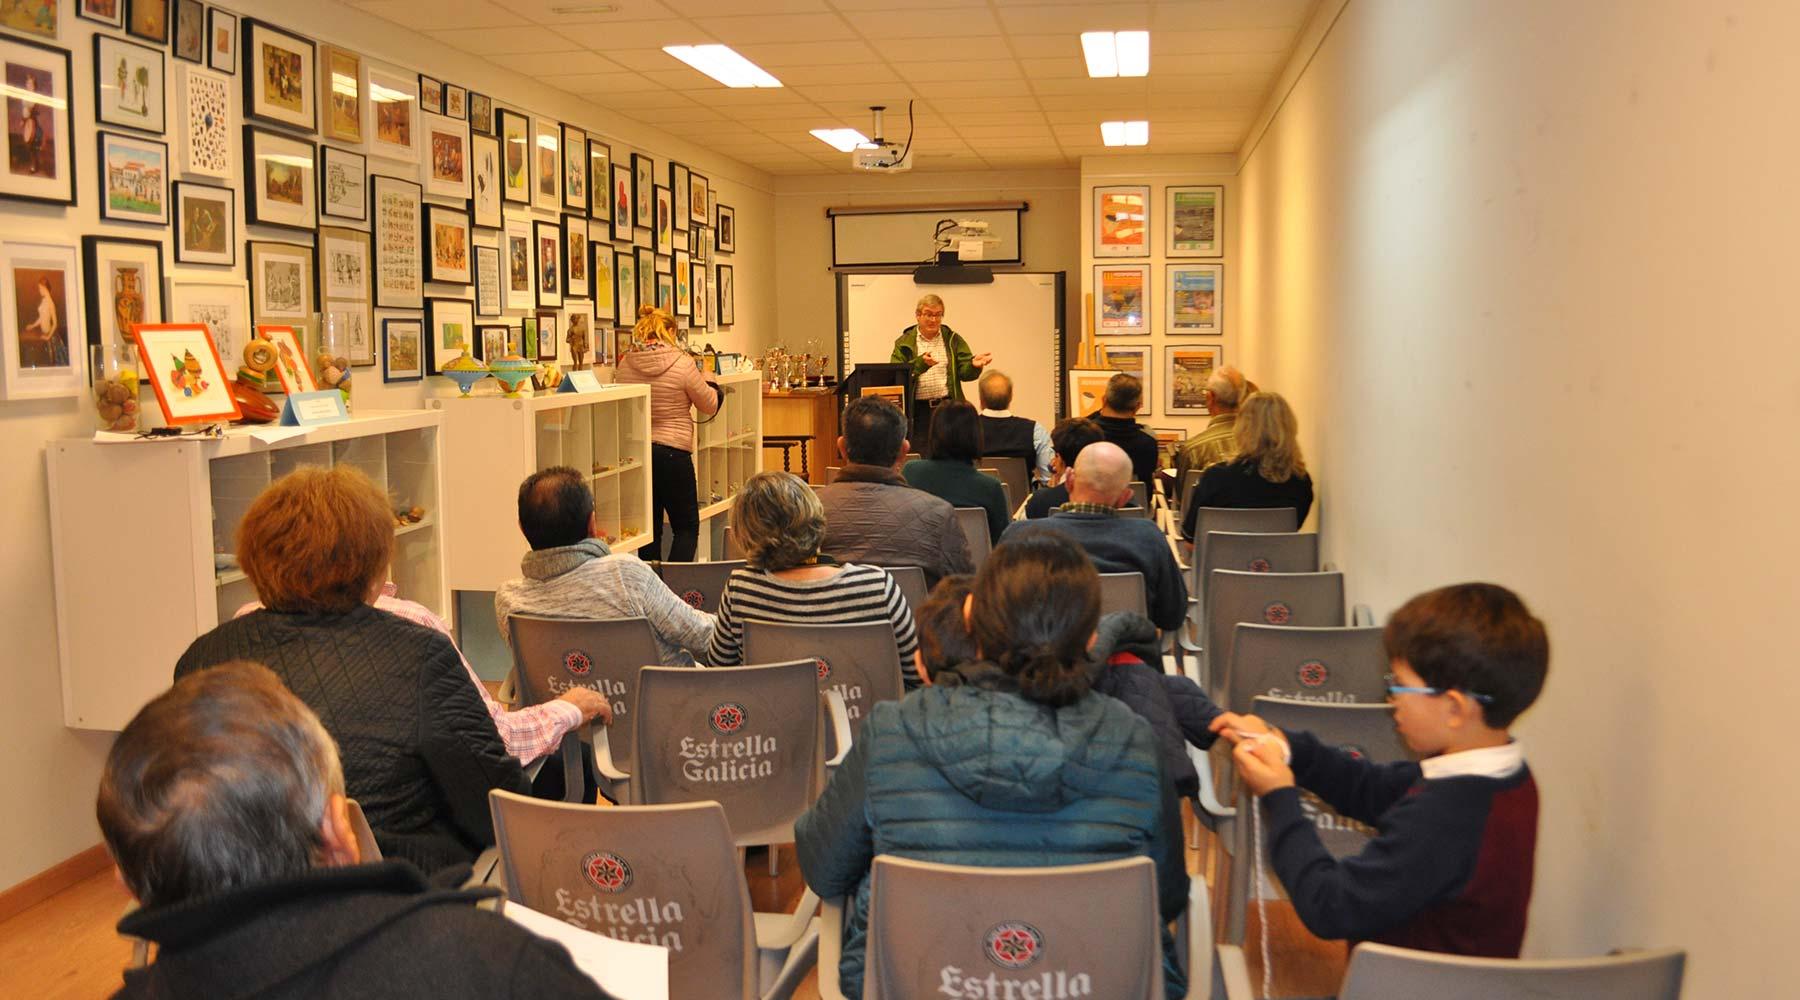 El historiador José Antonio Guiadás leyó su manifiesto del Día del Peón en el Melga